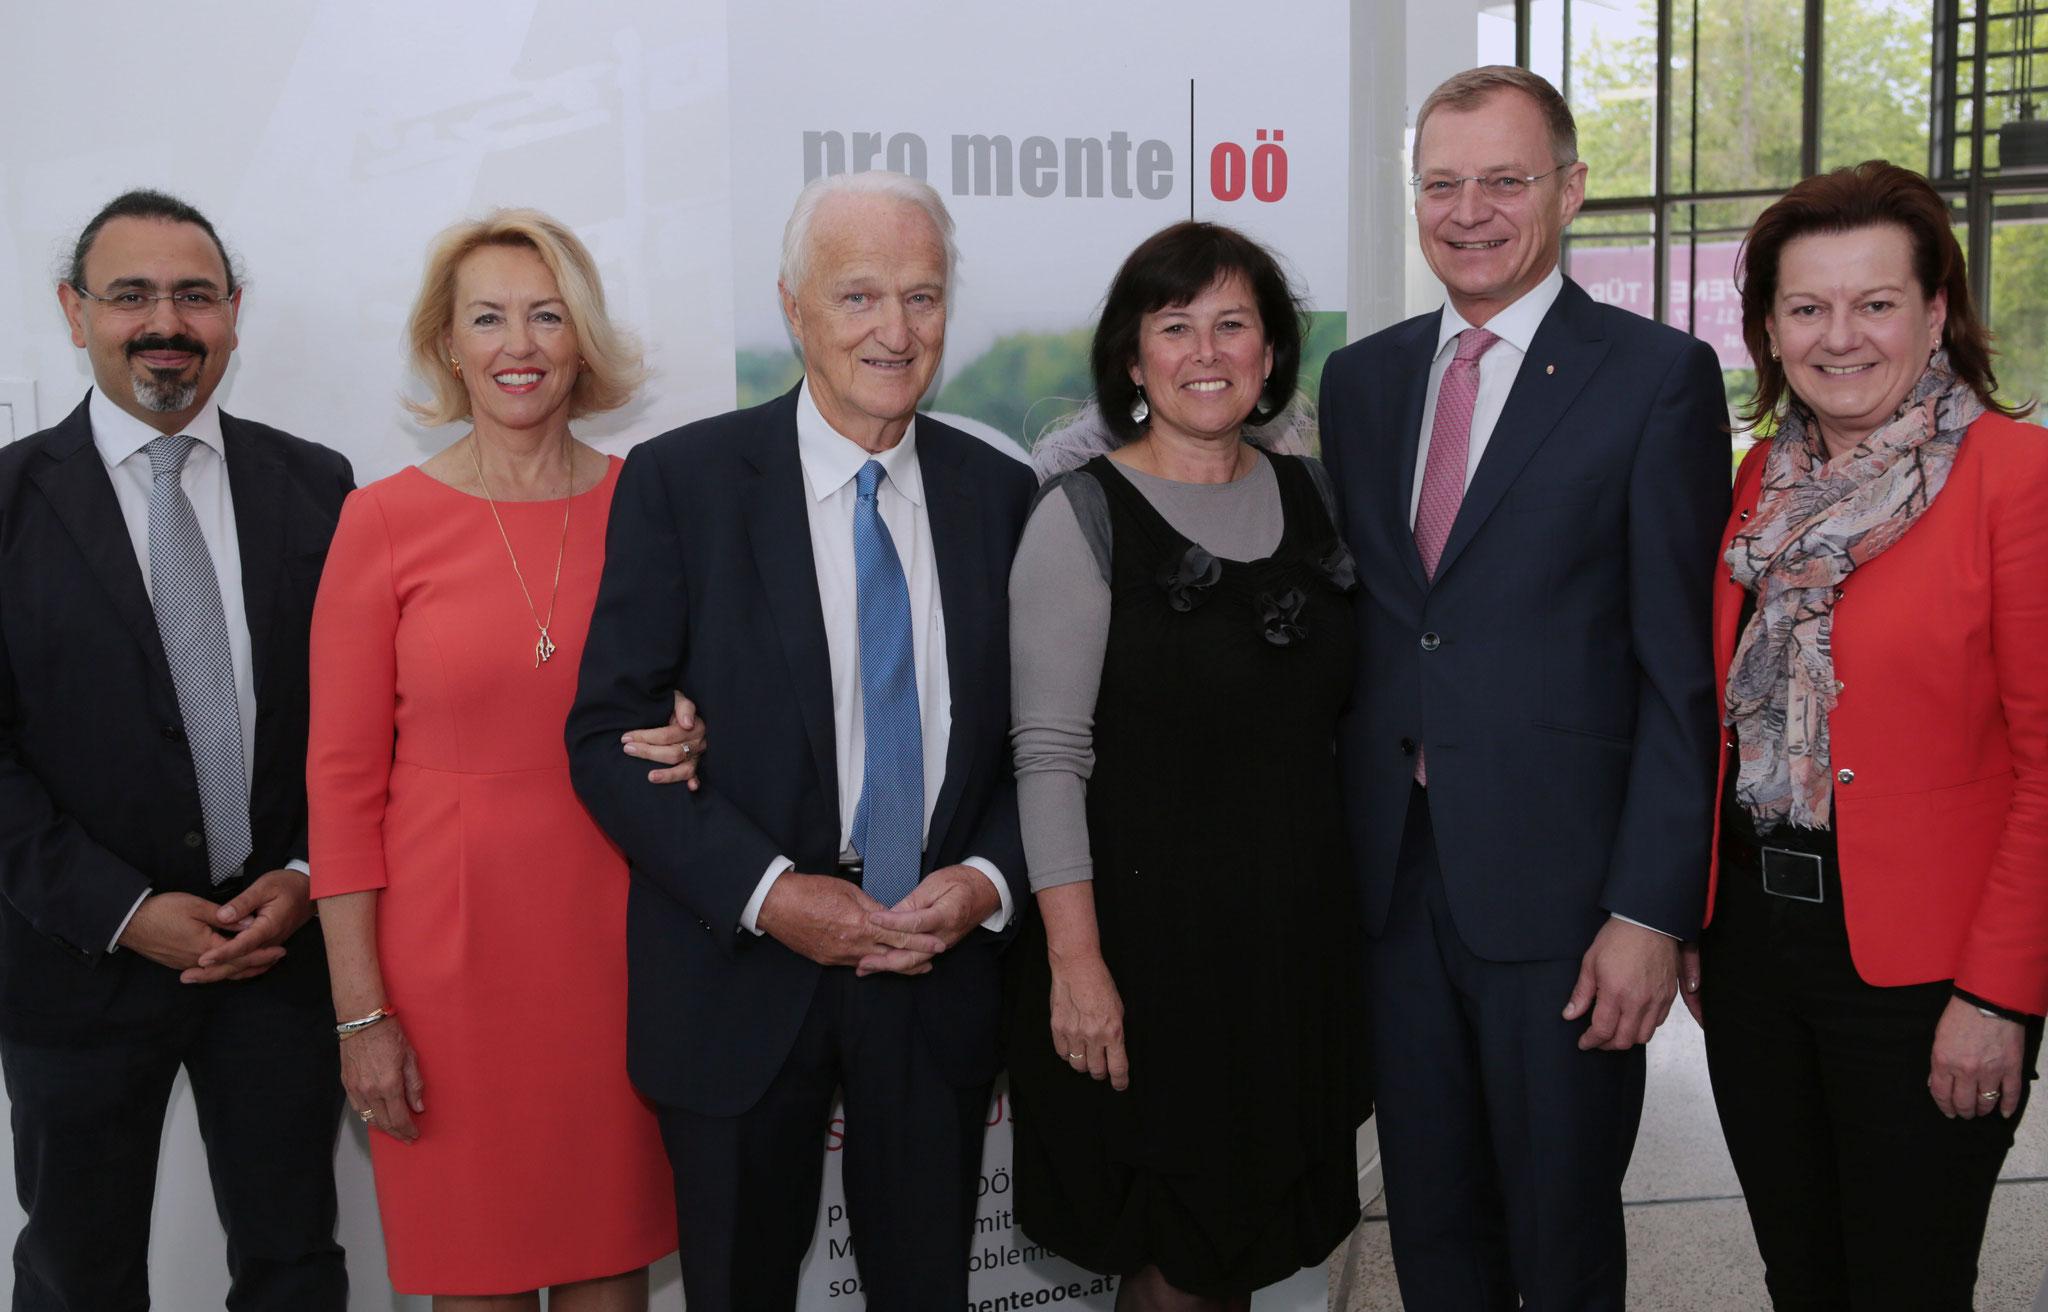 v.l.: Kurosch Yazdi, Karin und Werner Schöny, Birgit Gerstorfer, Thomas Stelzer, Karin Hörzing